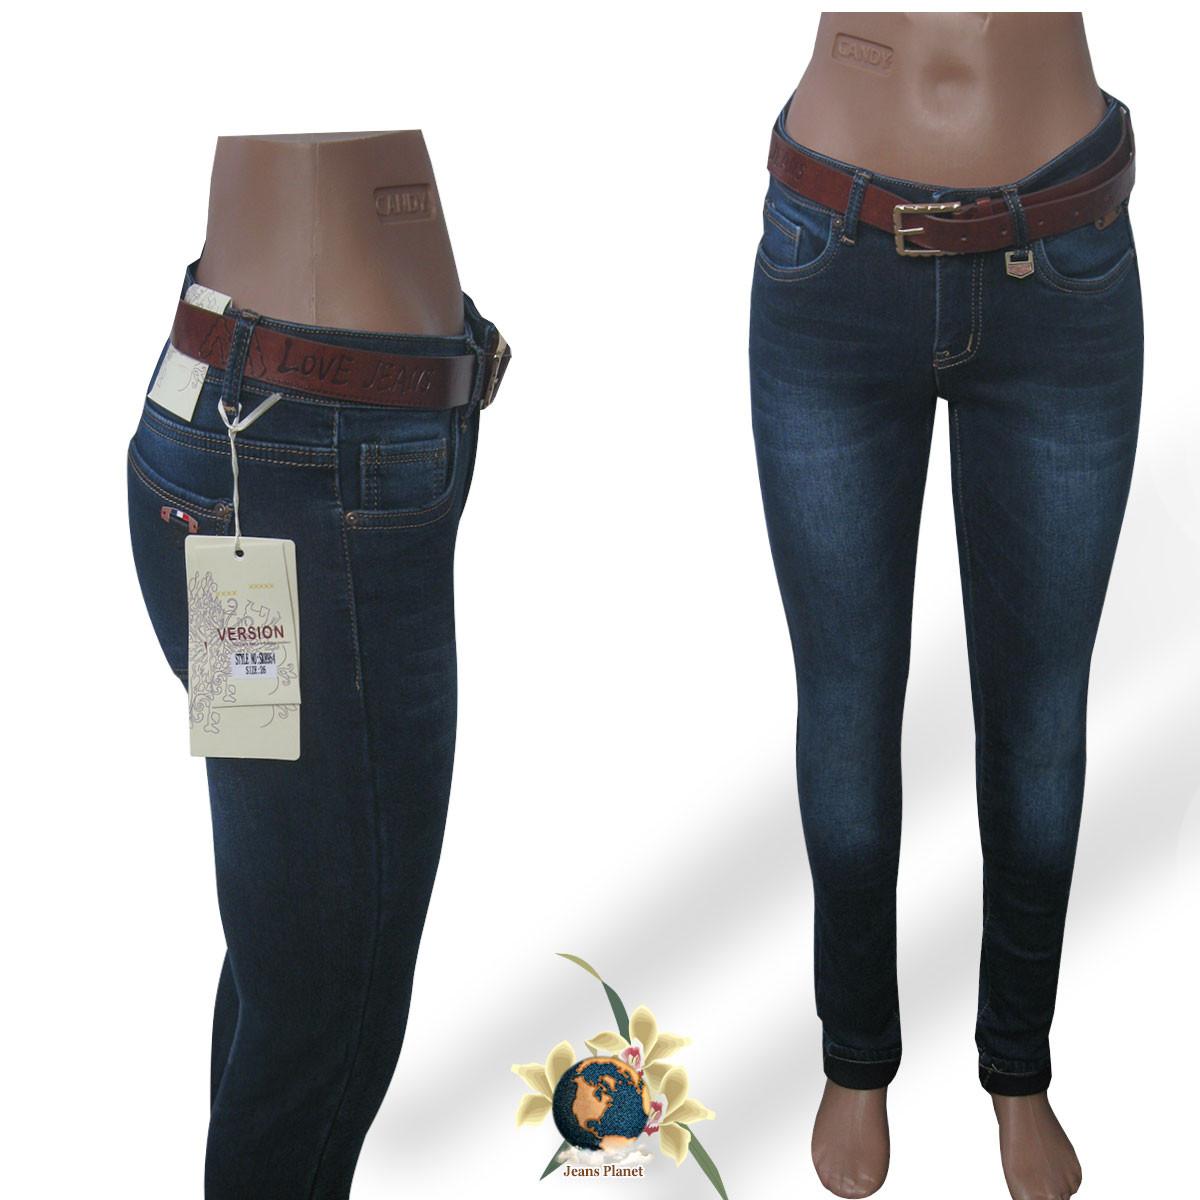 ee3587a81e2 Джинсы женские тёплые зауженные Version синего цвета с чёрным ремнём - Jeans  Planet -джинсовая одежда